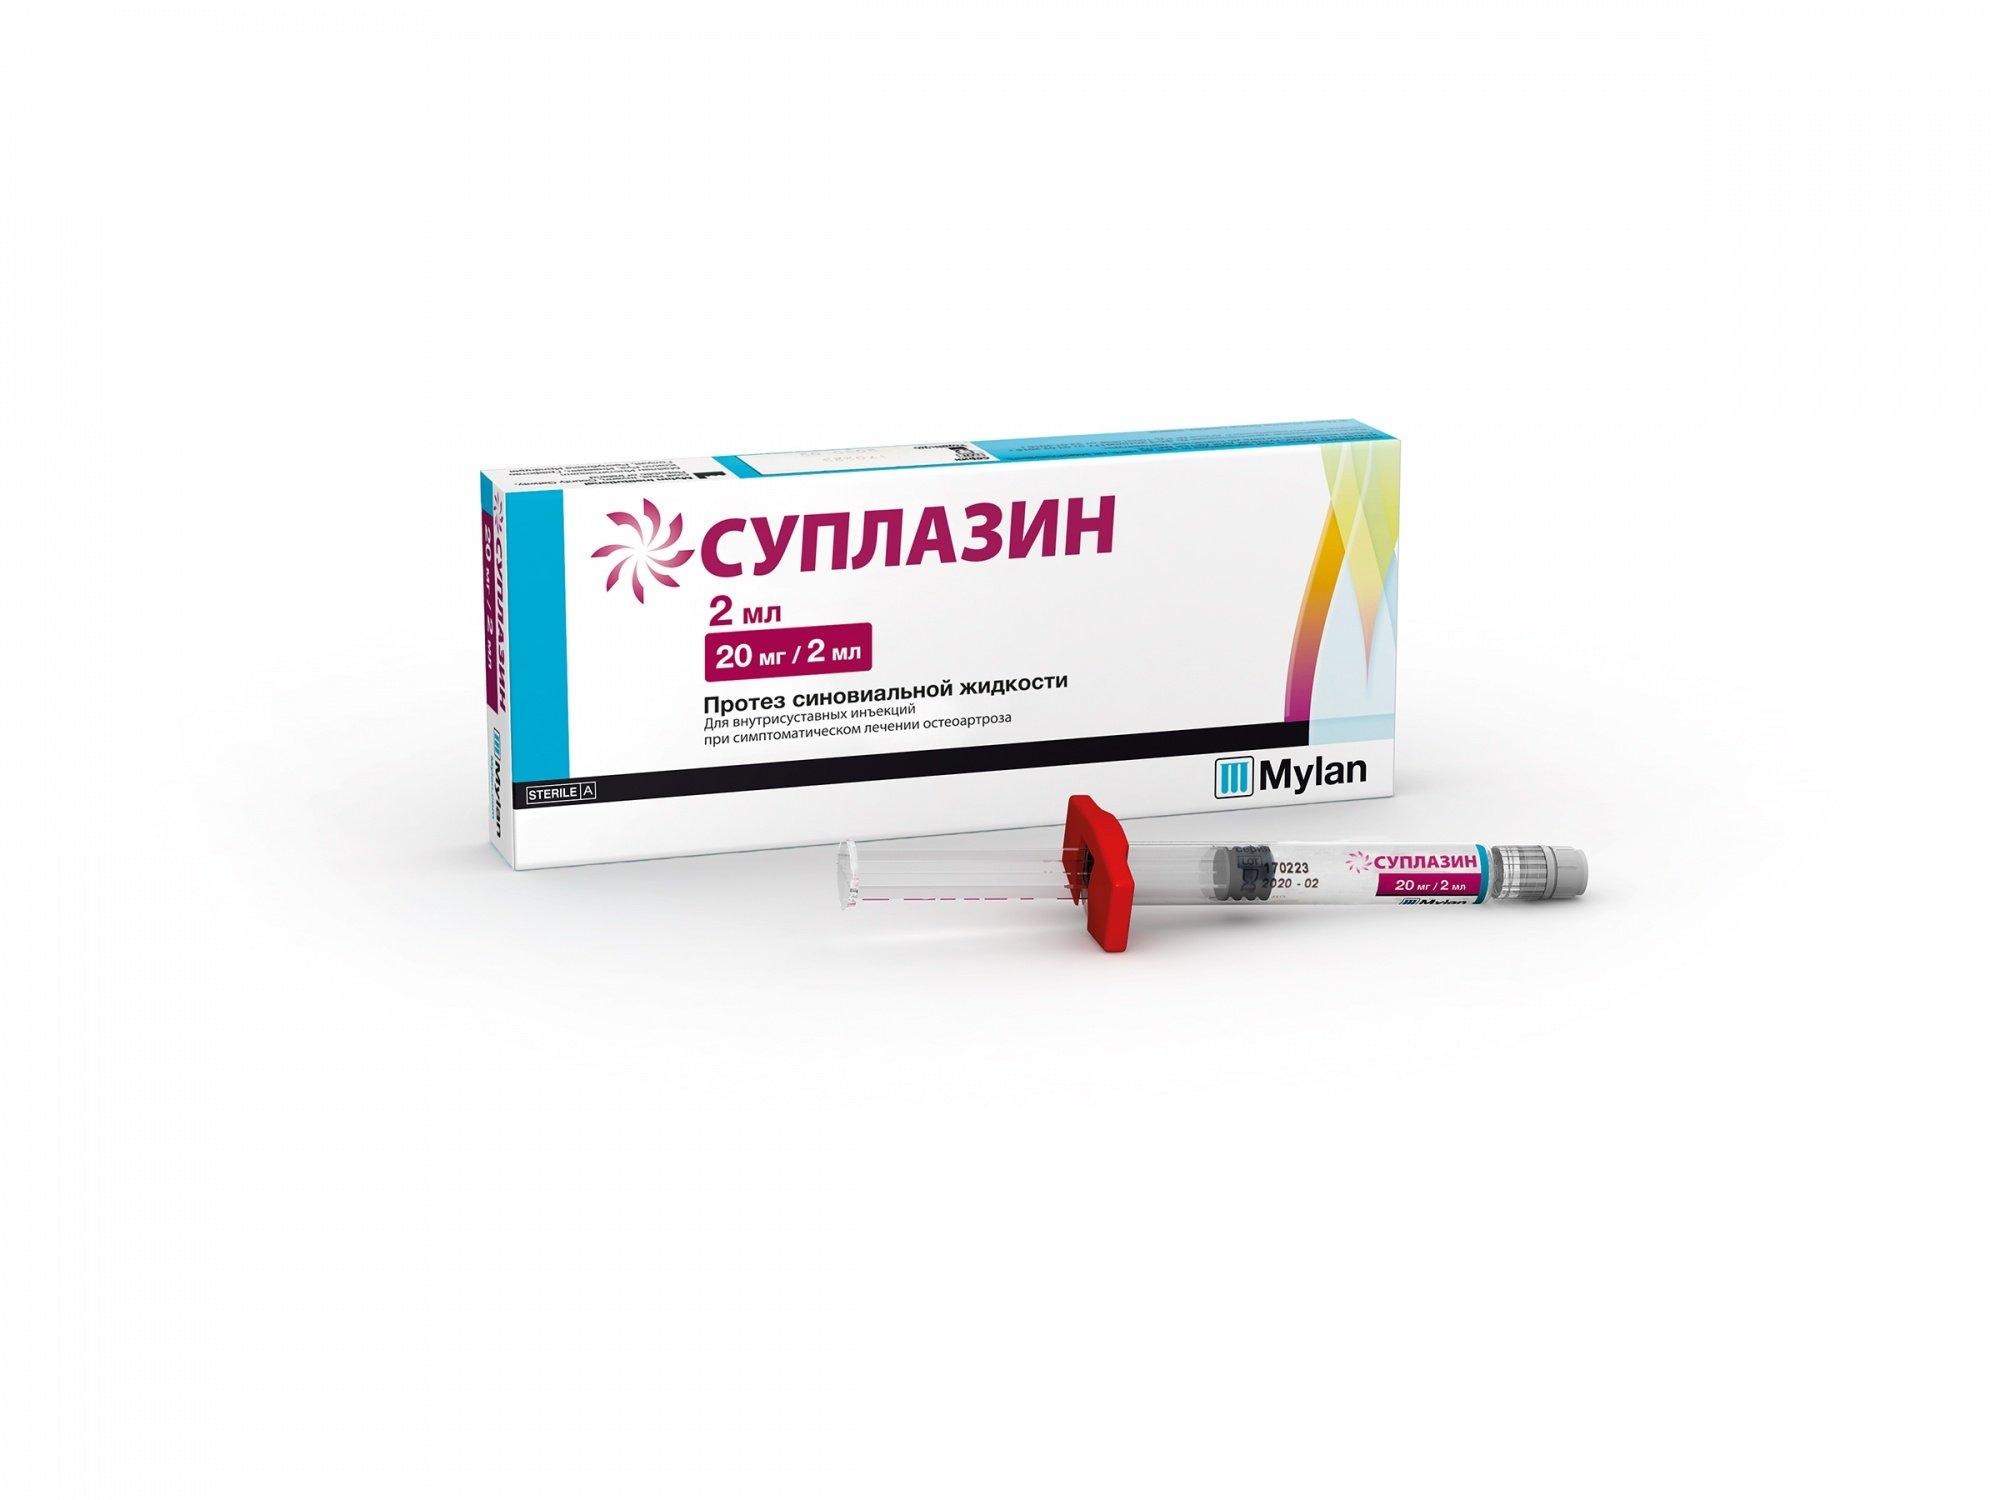 Уникальный заменитель синовиальной жидкости — Суплазин